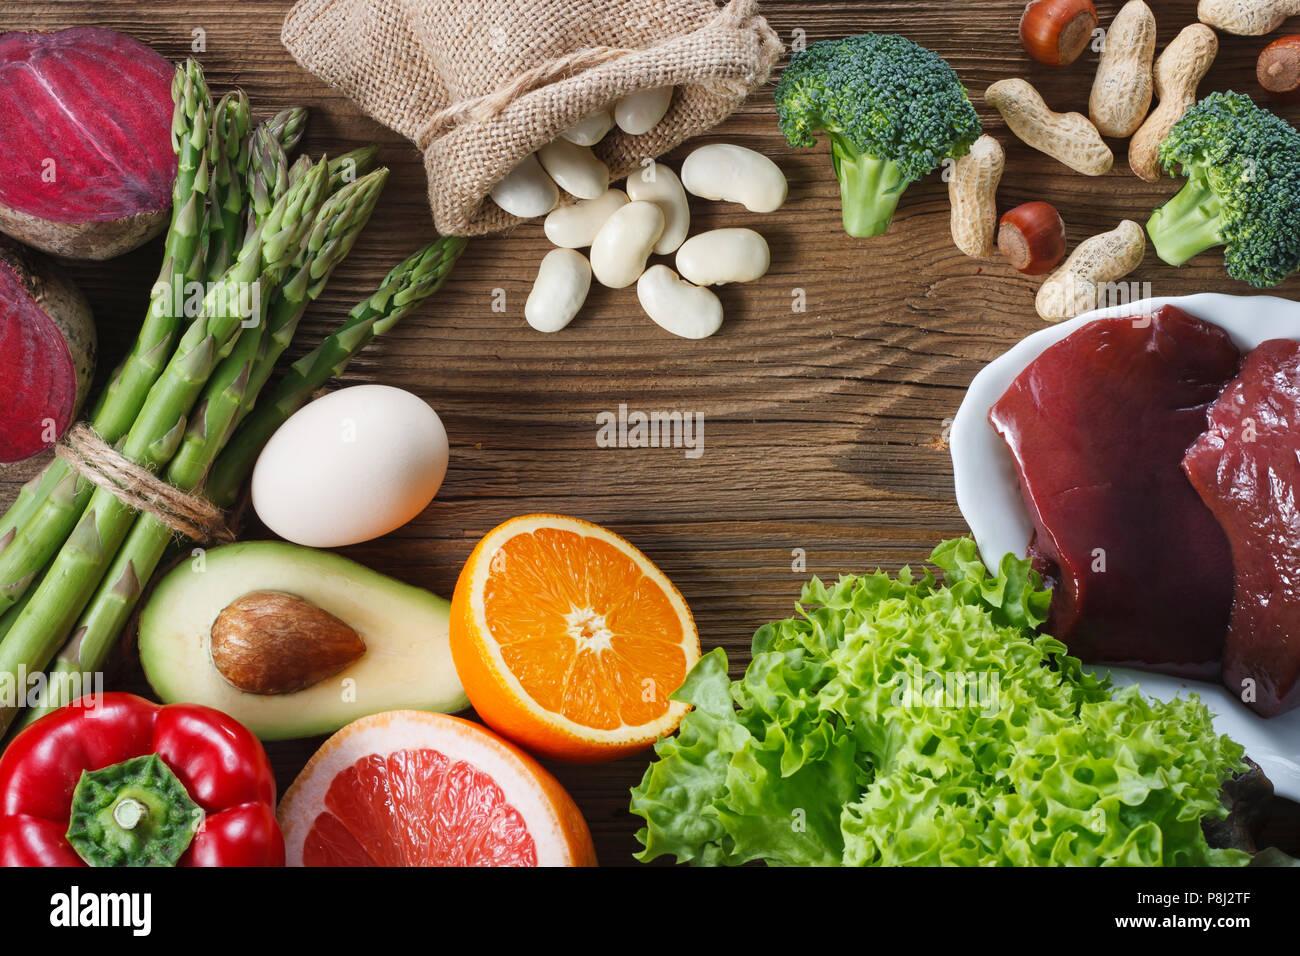 Les sources naturelles d'acide folique comme foie, asperges, brocoli, oeufs, salade, avocat, paprika, noix, fèves et épluchés , orange Photo Stock